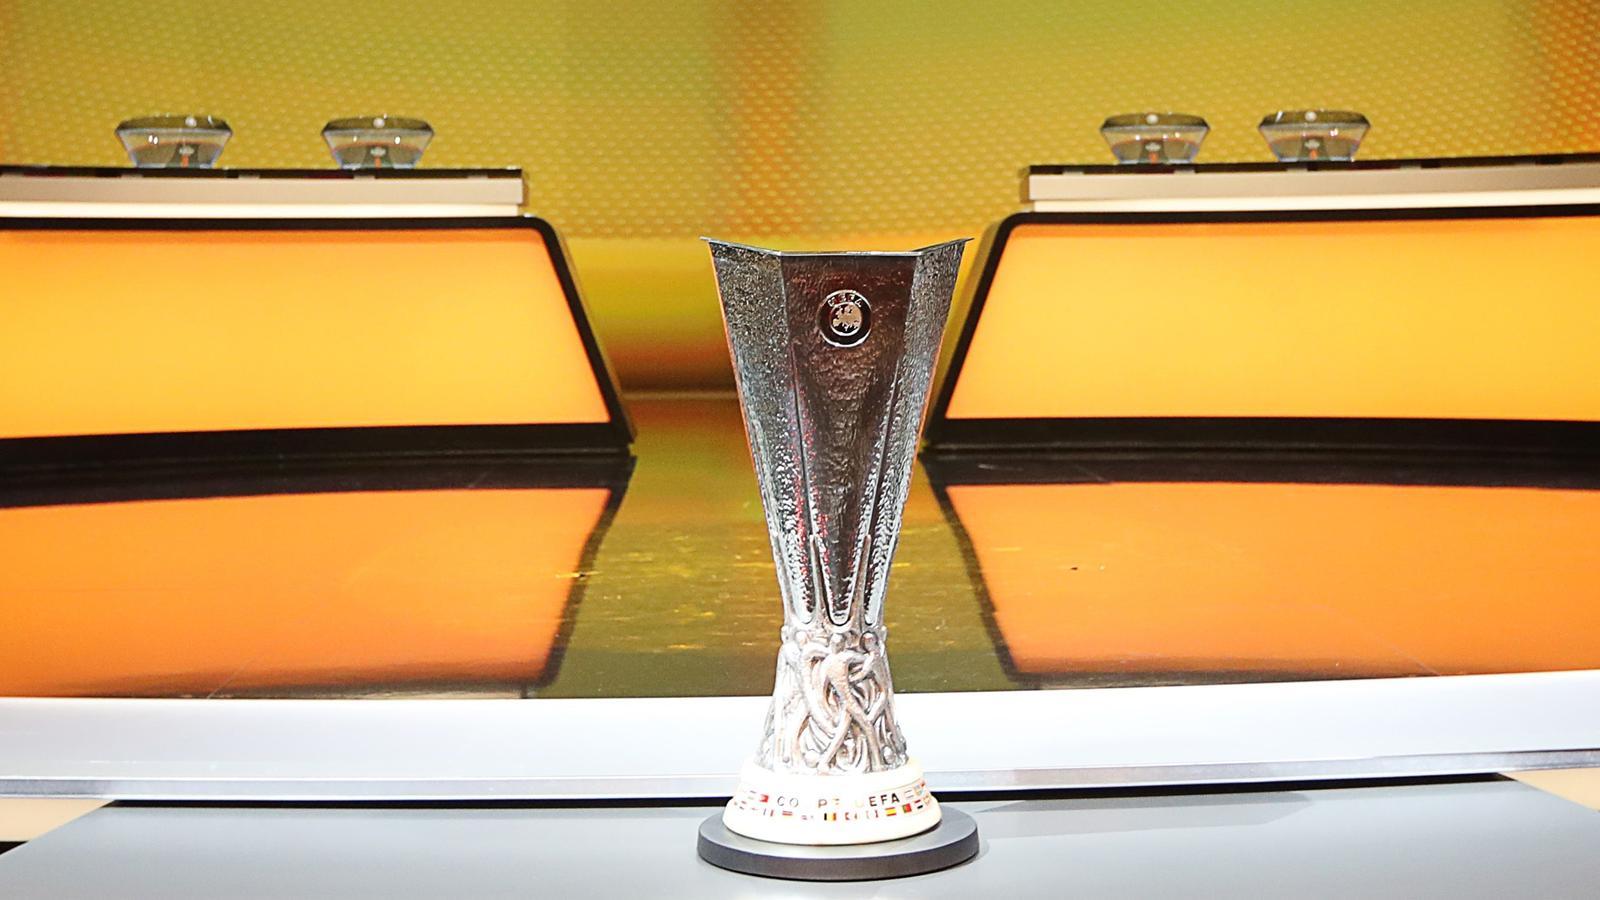 De UEFA Europa League is een jaarlijks door de UEFA georganiseerde voetbalbekercompetitie die in het seizoen 200910 van start ging als vervanging van de UEFA Cup